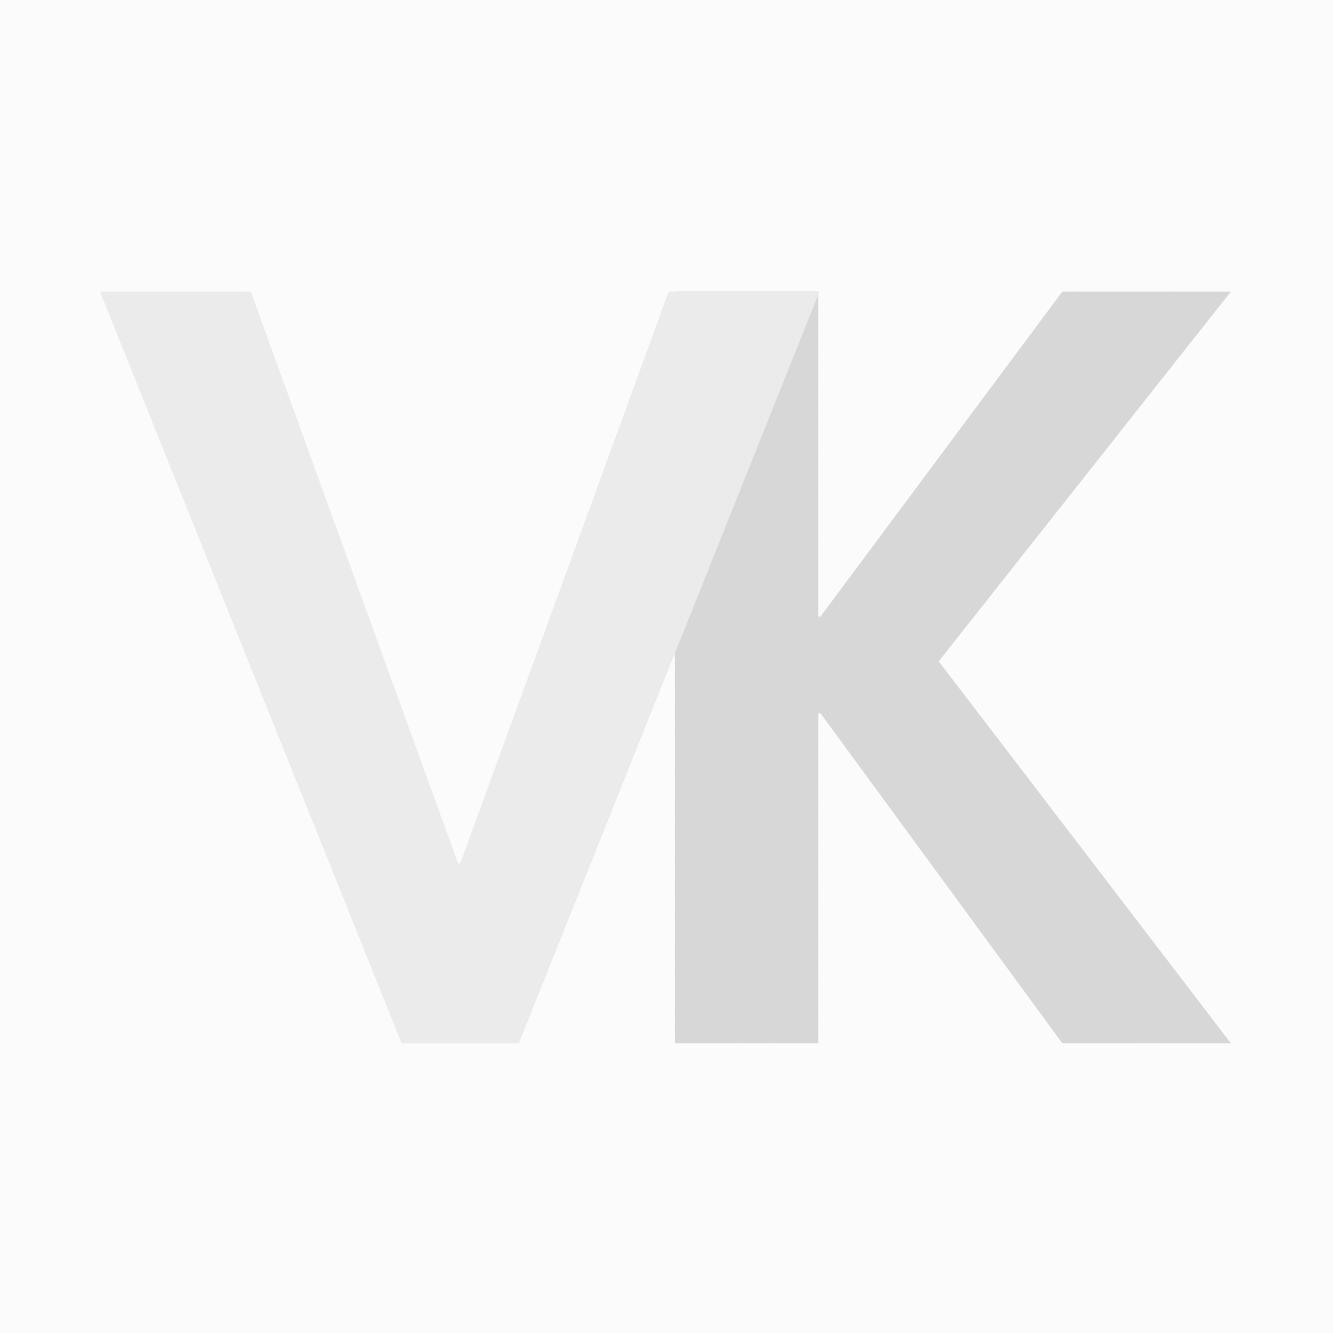 Indola Innova Styling Texture Fibermold 85ml